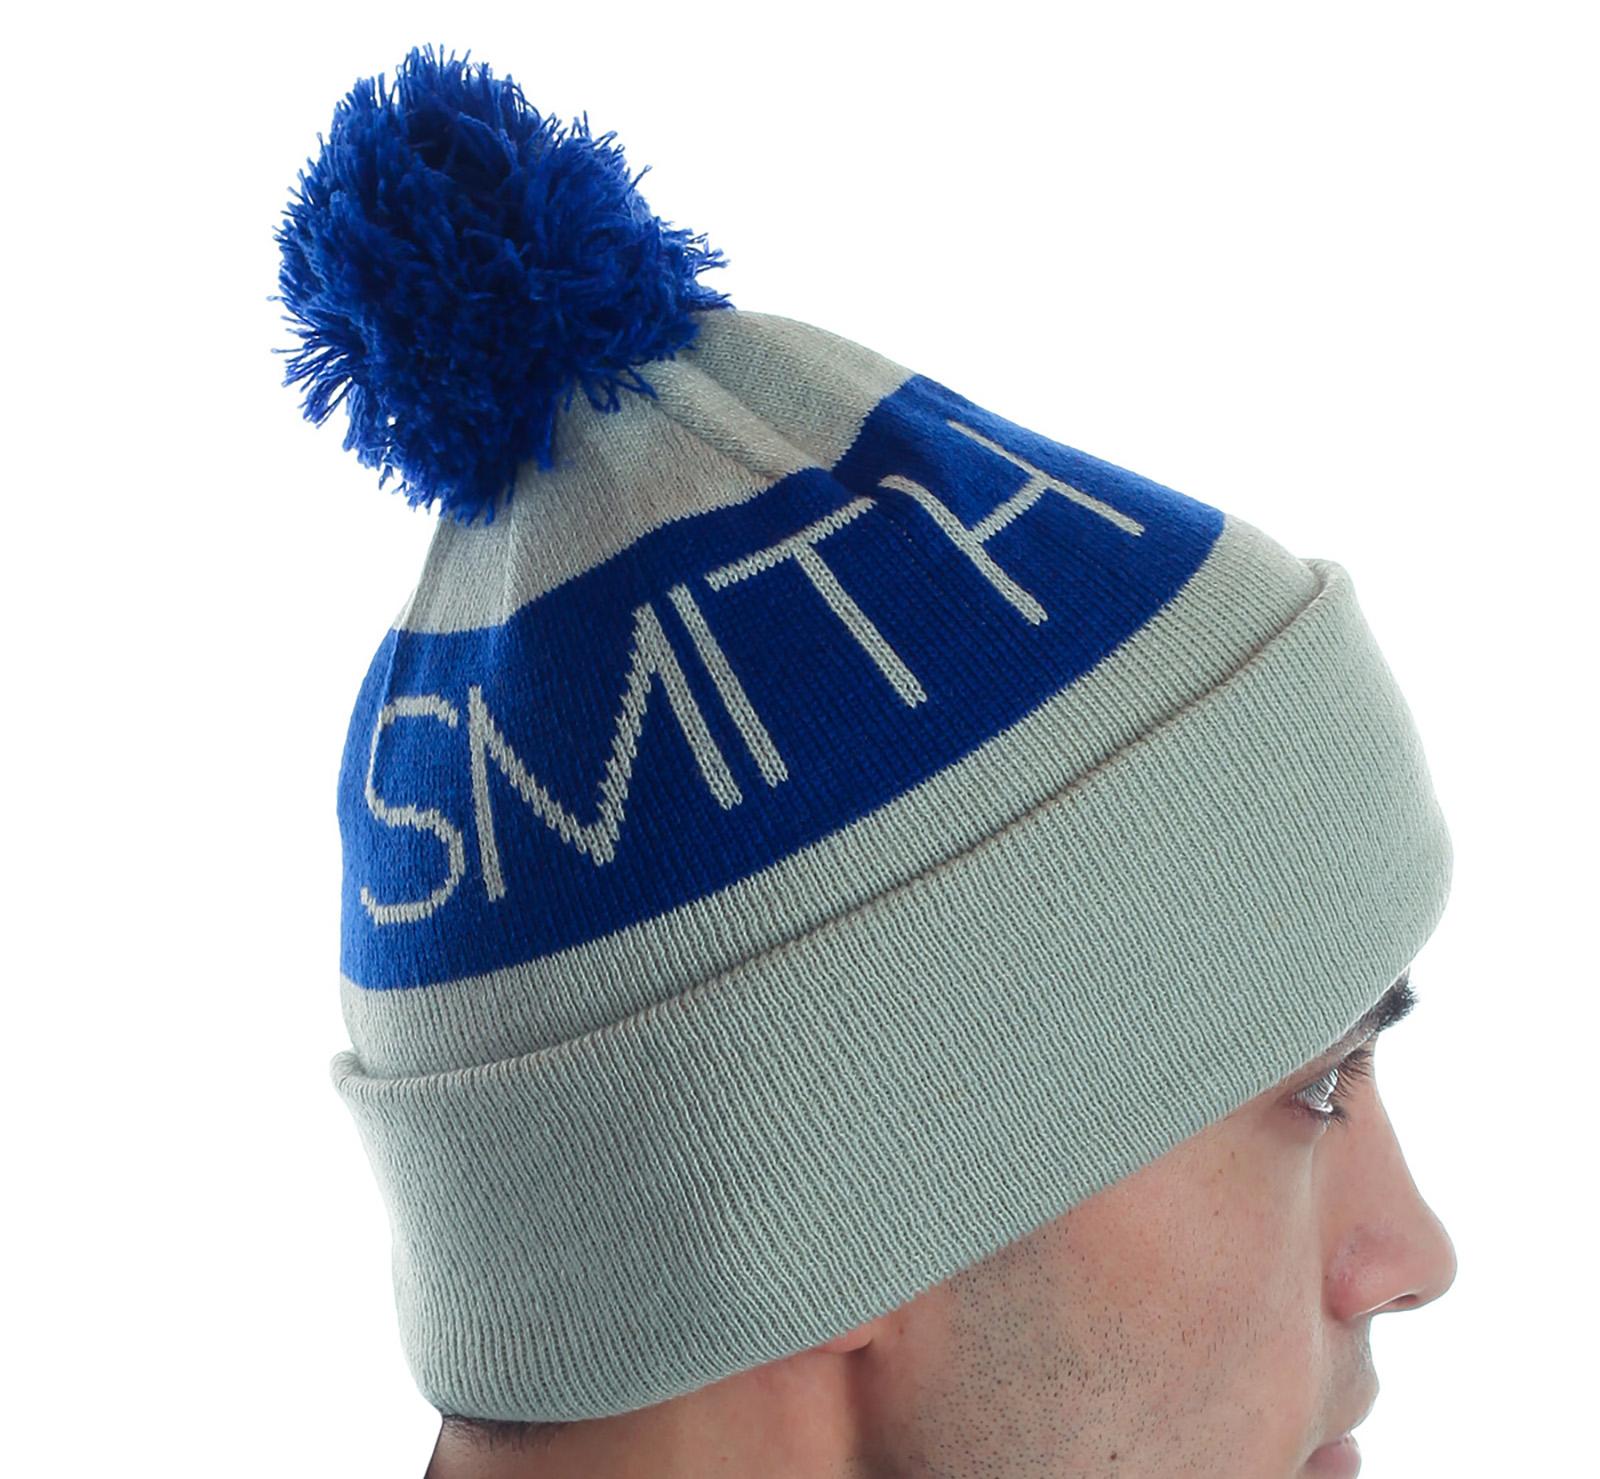 Заказать спортивную популярную шапку с бубоном практичный аксессуар по демократической цене